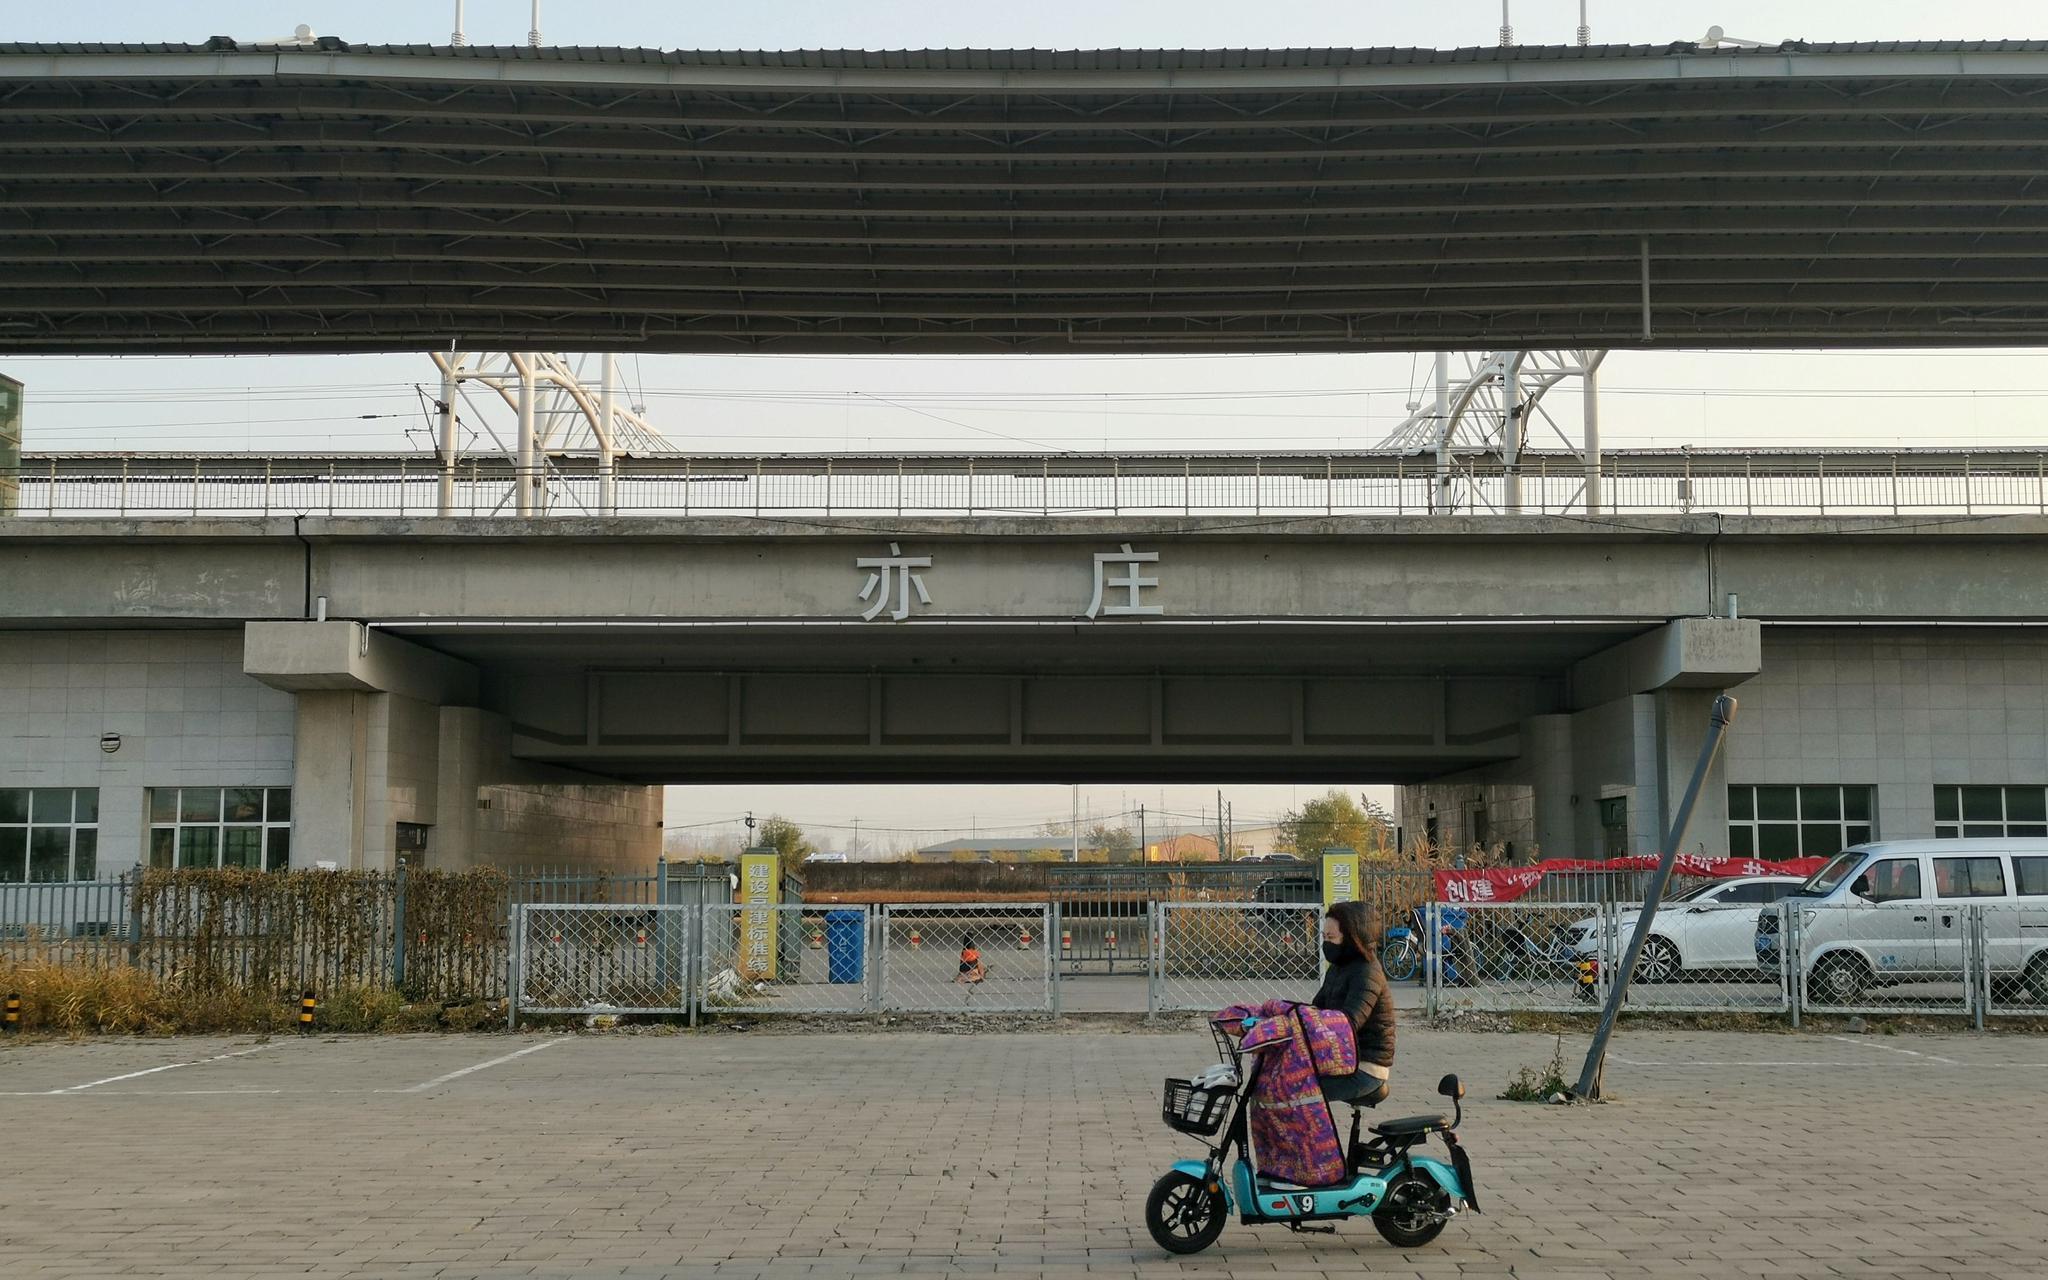 北京亦庄火车站建成十年未开通 官方回复来了